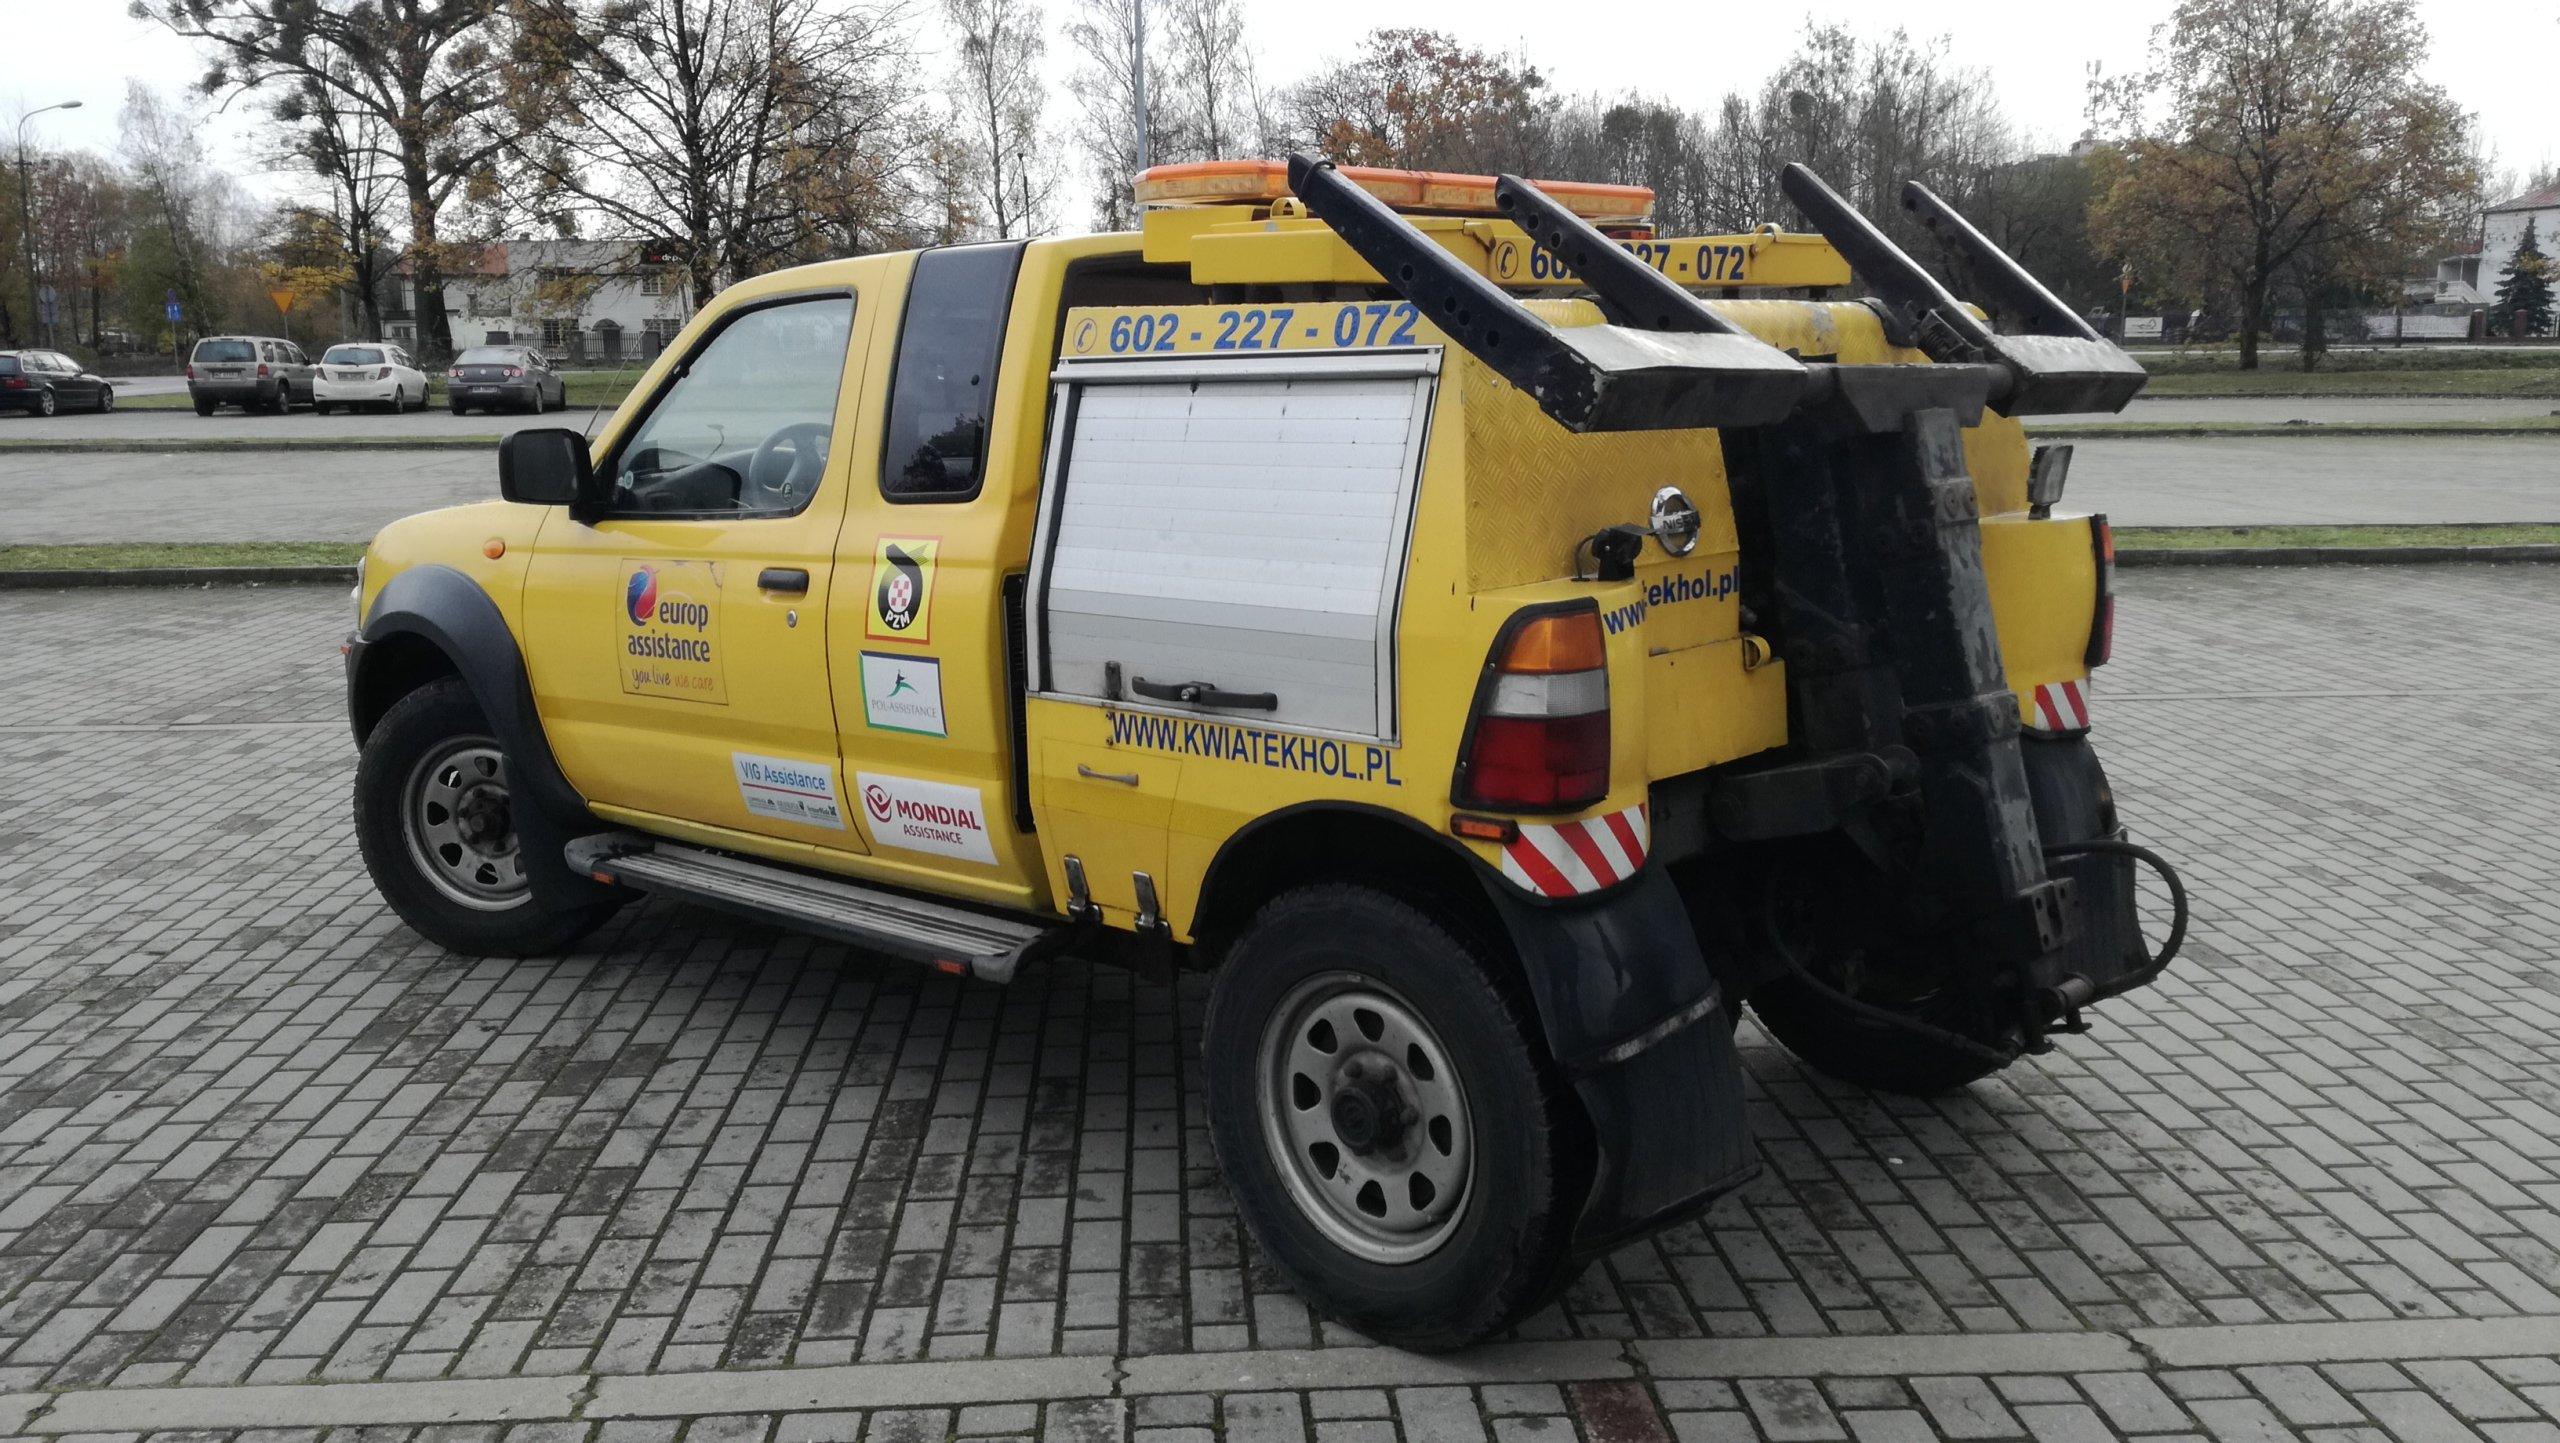 Bardzo dobryFantastyczny Nissan Navara samochód specjalny Pomoc Drogowa - 7054603761 BC21